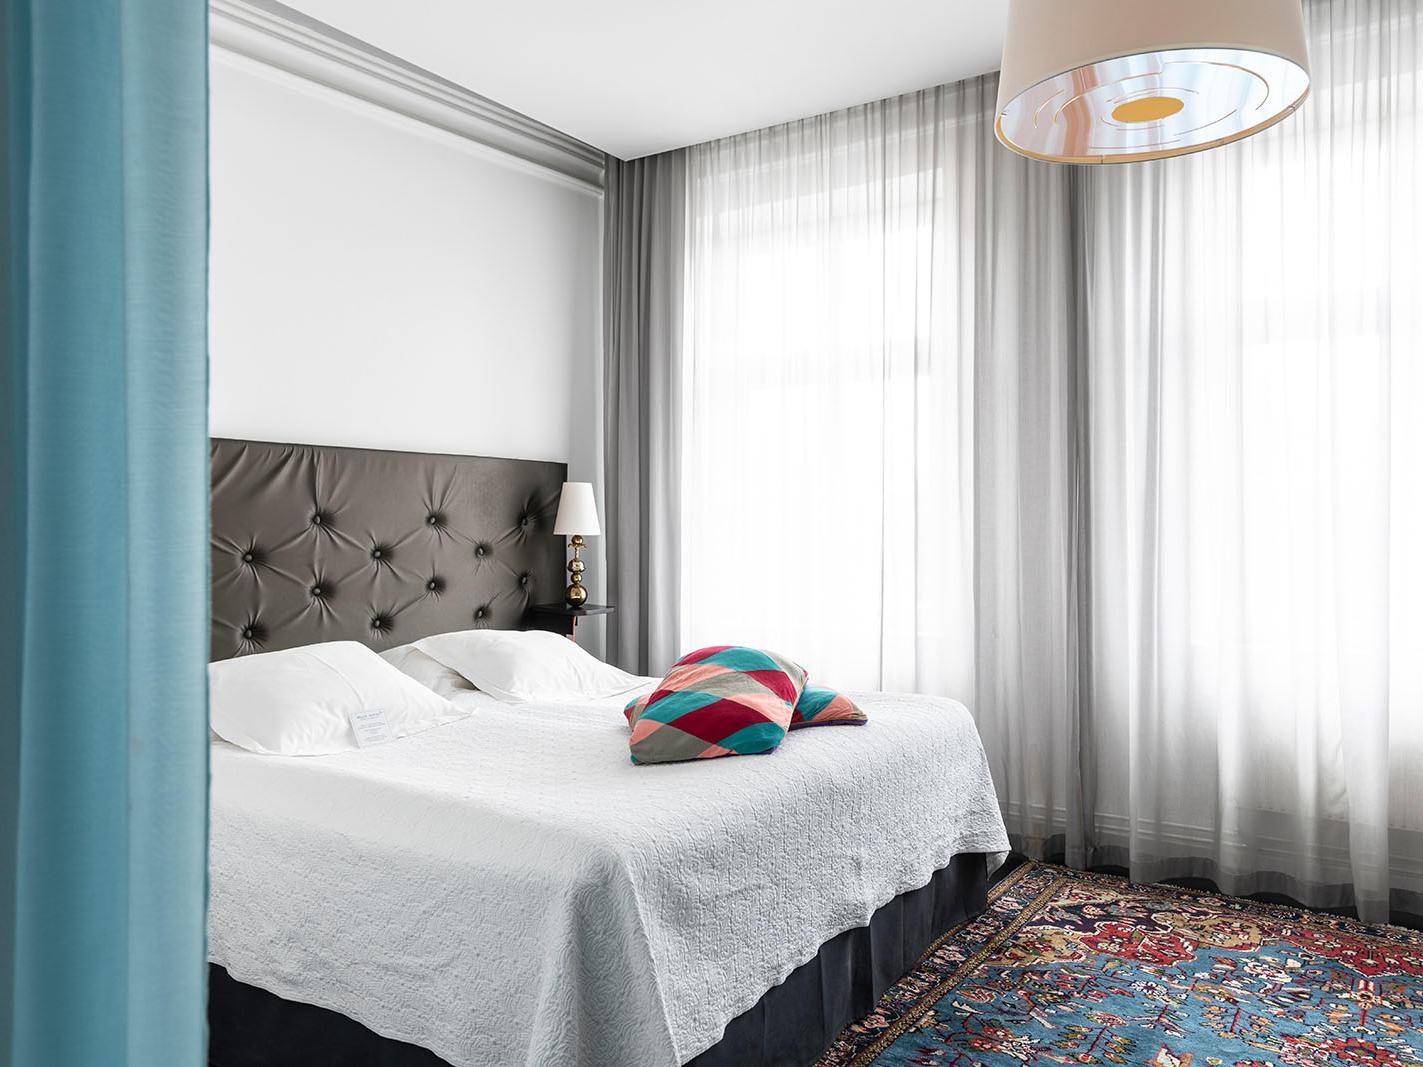 Medium Room at Hotel Flora in Gothenburg, Sweden